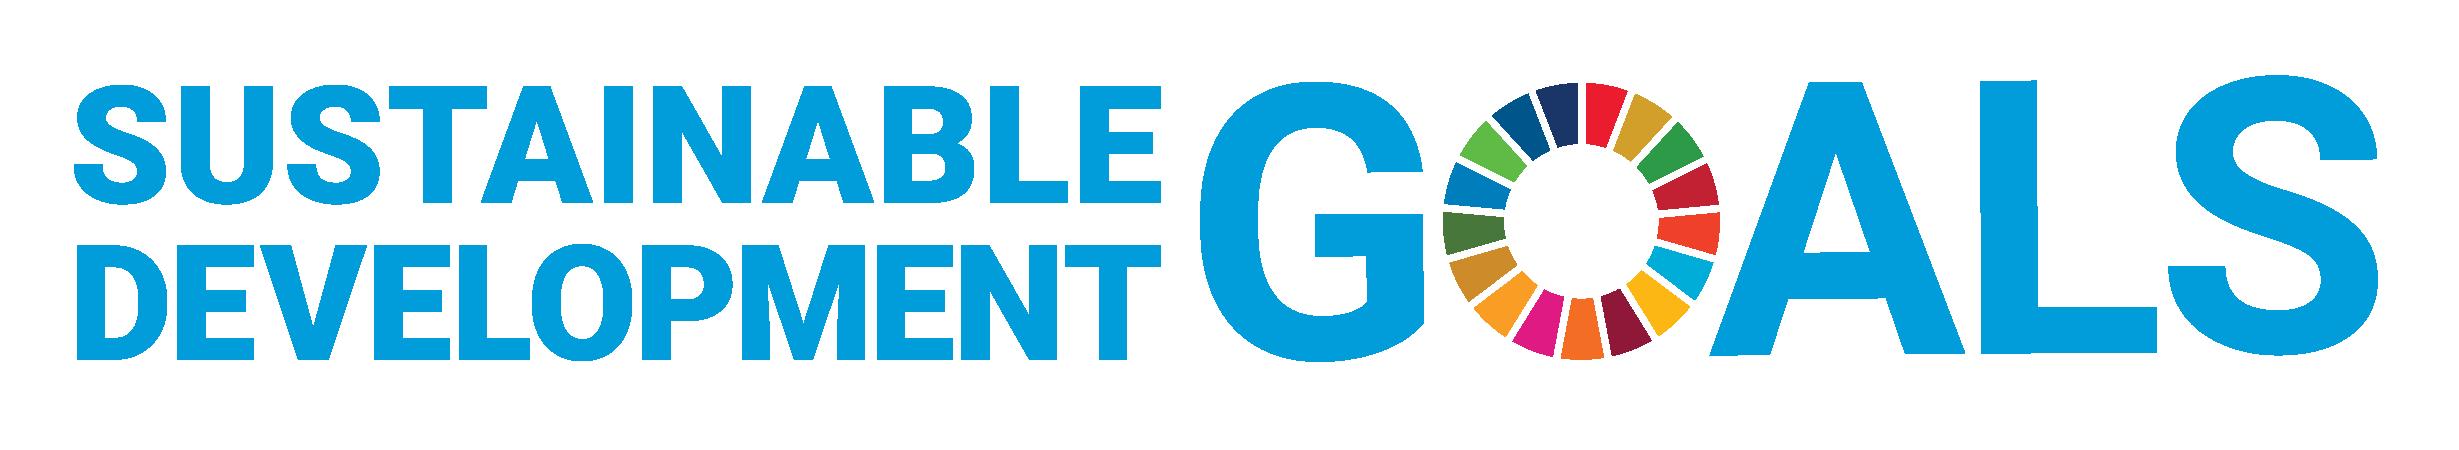 E_SDG_logo_without_UN_emblem_horizontal_Transparent_WEB